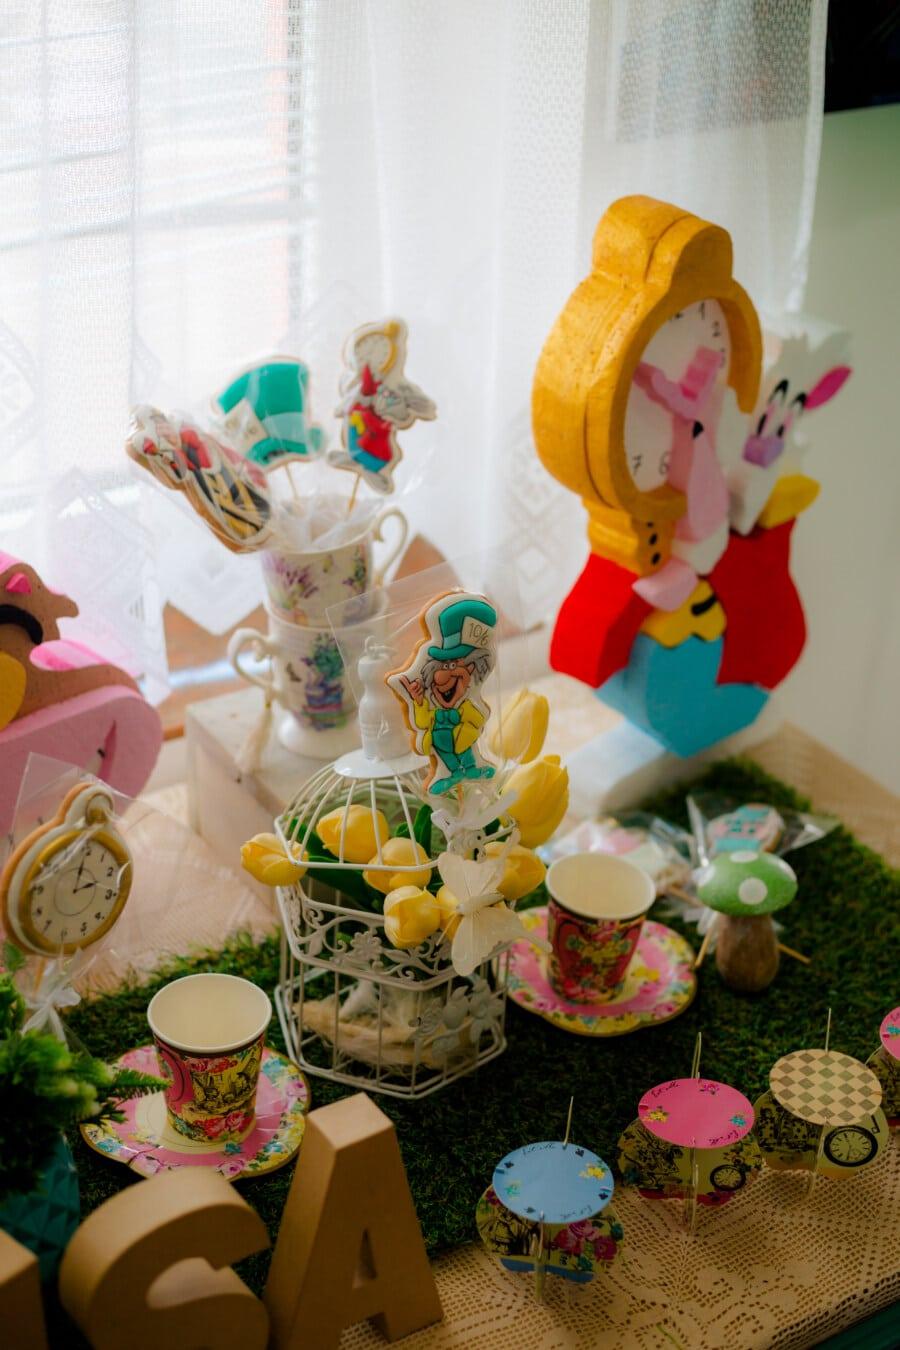 κόμμα, διακόσμηση, Πάσχα, νεκρή φύση, παιχνίδια, γλειφιτζούρι, καραμέλα, τουλίπες, κίτρινο, μπουκέτο